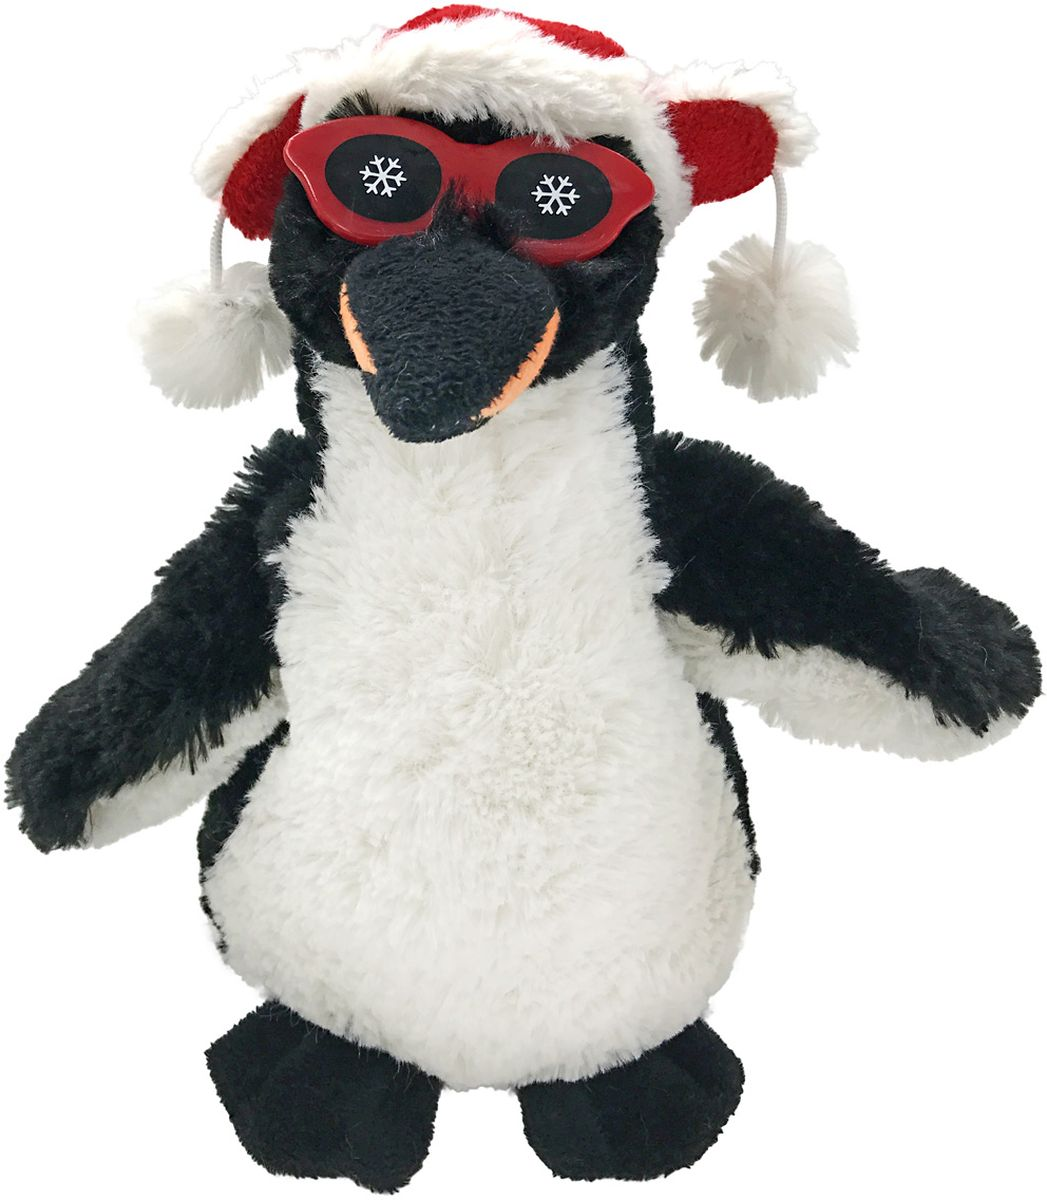 Lapa House Мягкая озвученная игрушка Пингвин 27 см мягкая игрушка пингвин tux купить